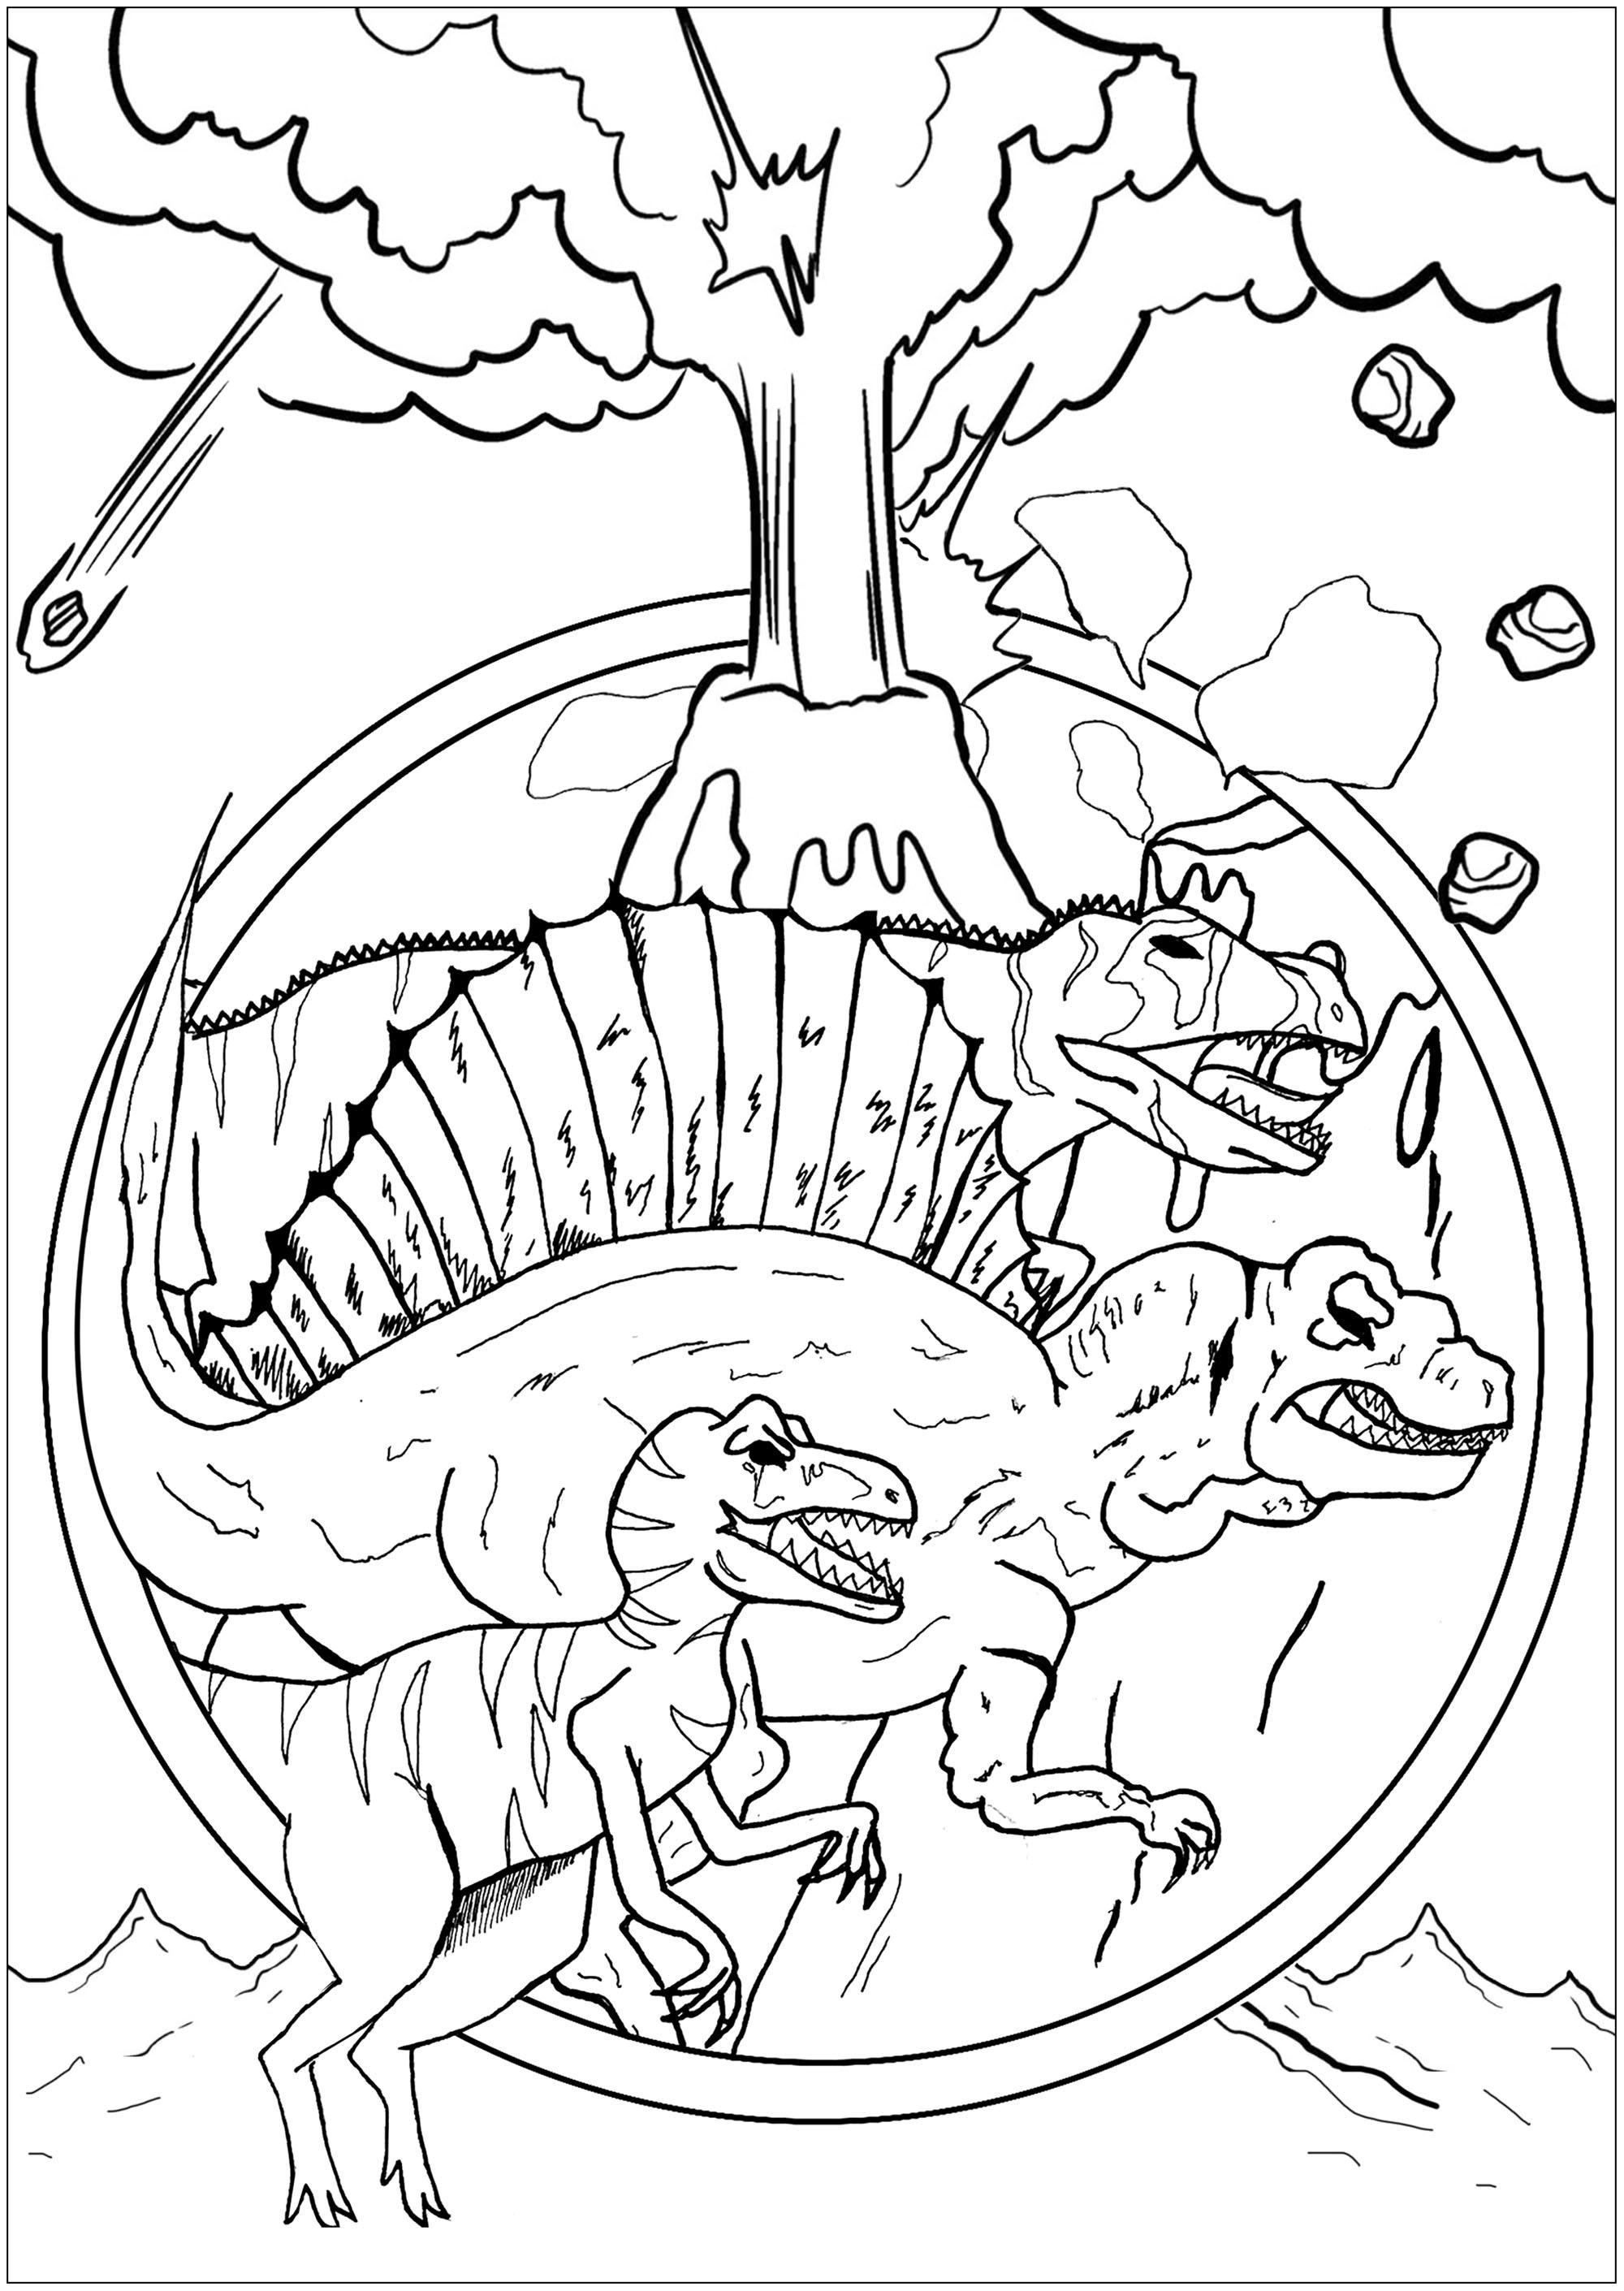 Colorear para Adultos : Dinosaurios - 1